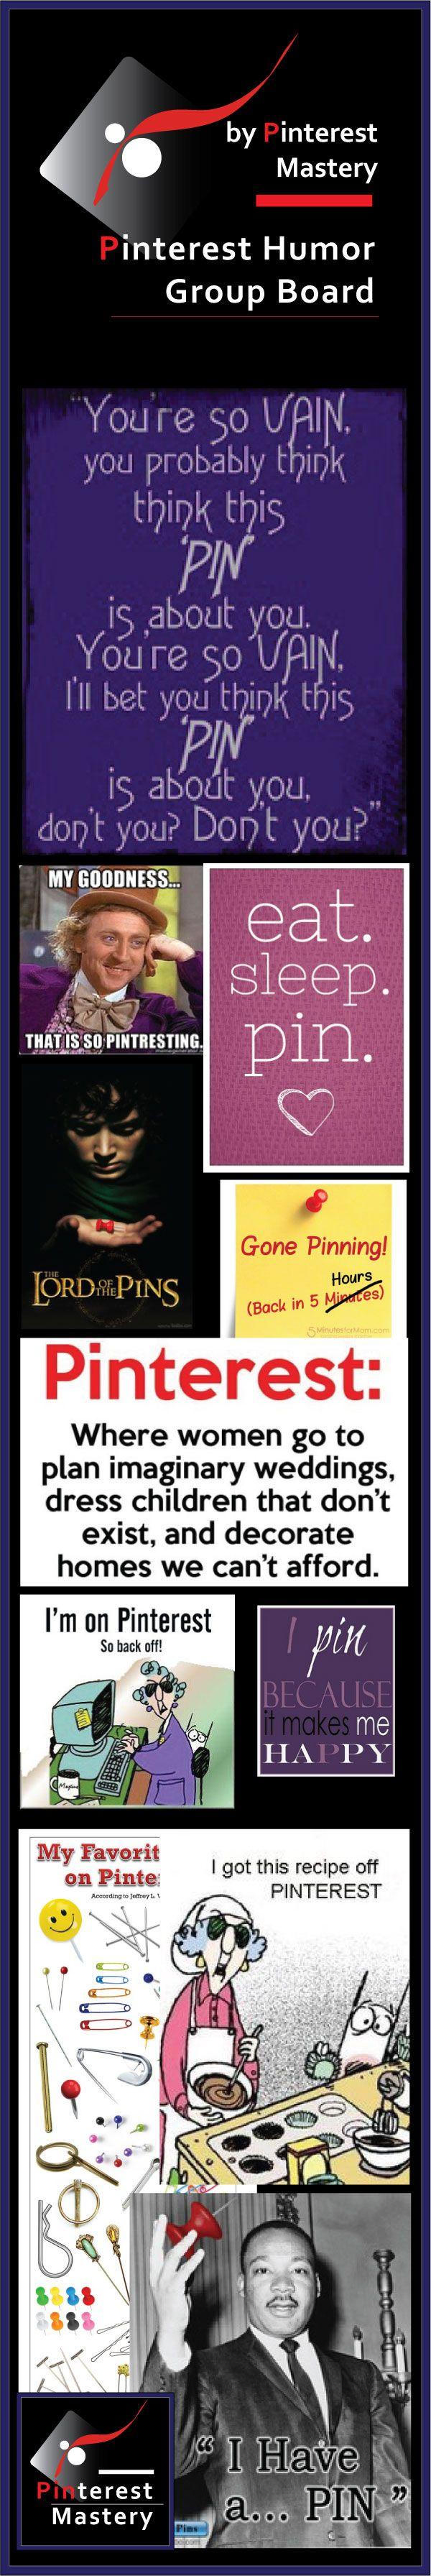 Pinterest Humor     ............................................................   #Humor #Pinterest #Group #Board #Jokes #followers